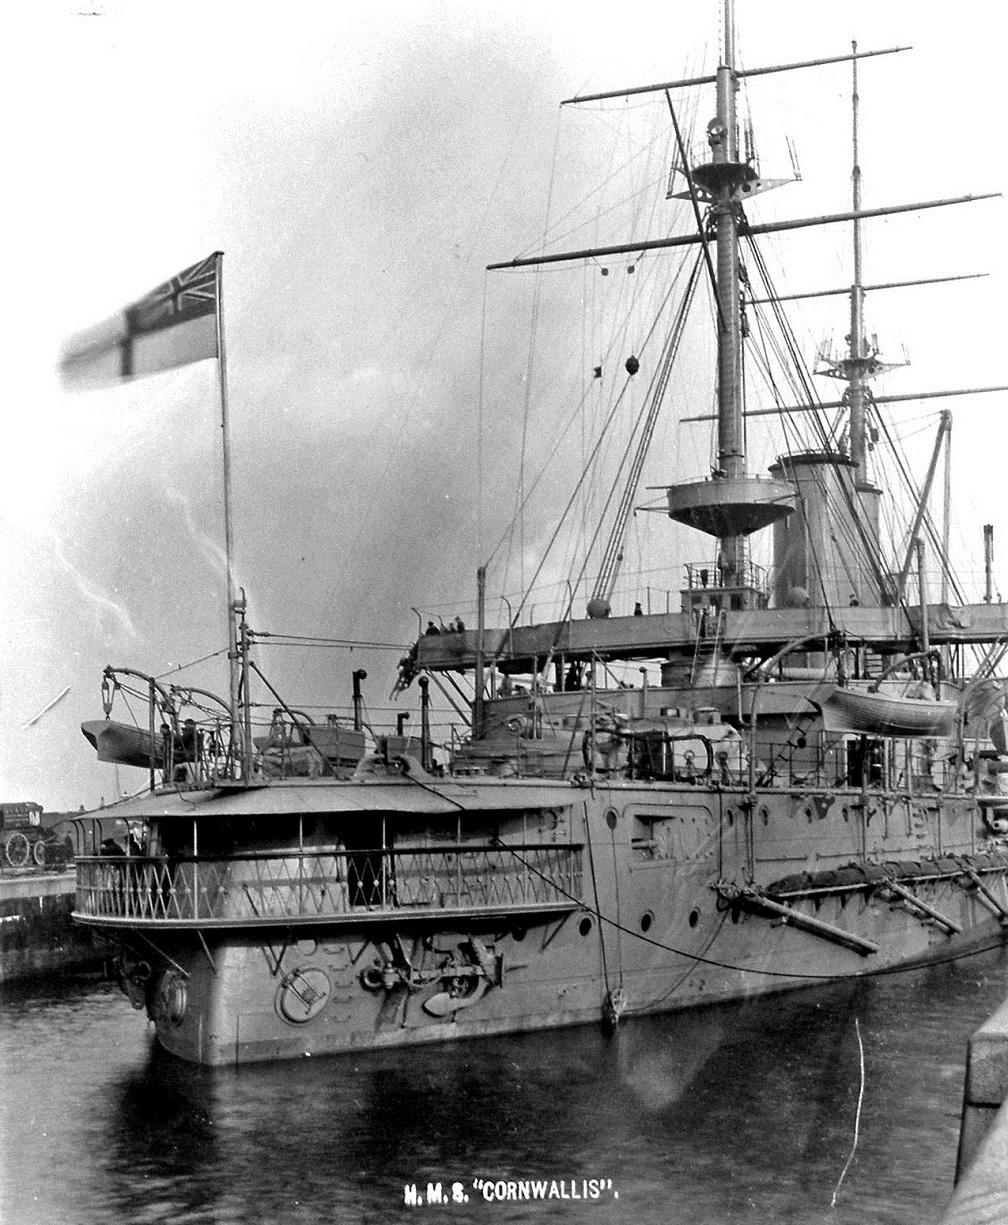 Cornwallis_1901-1917_02.jpg